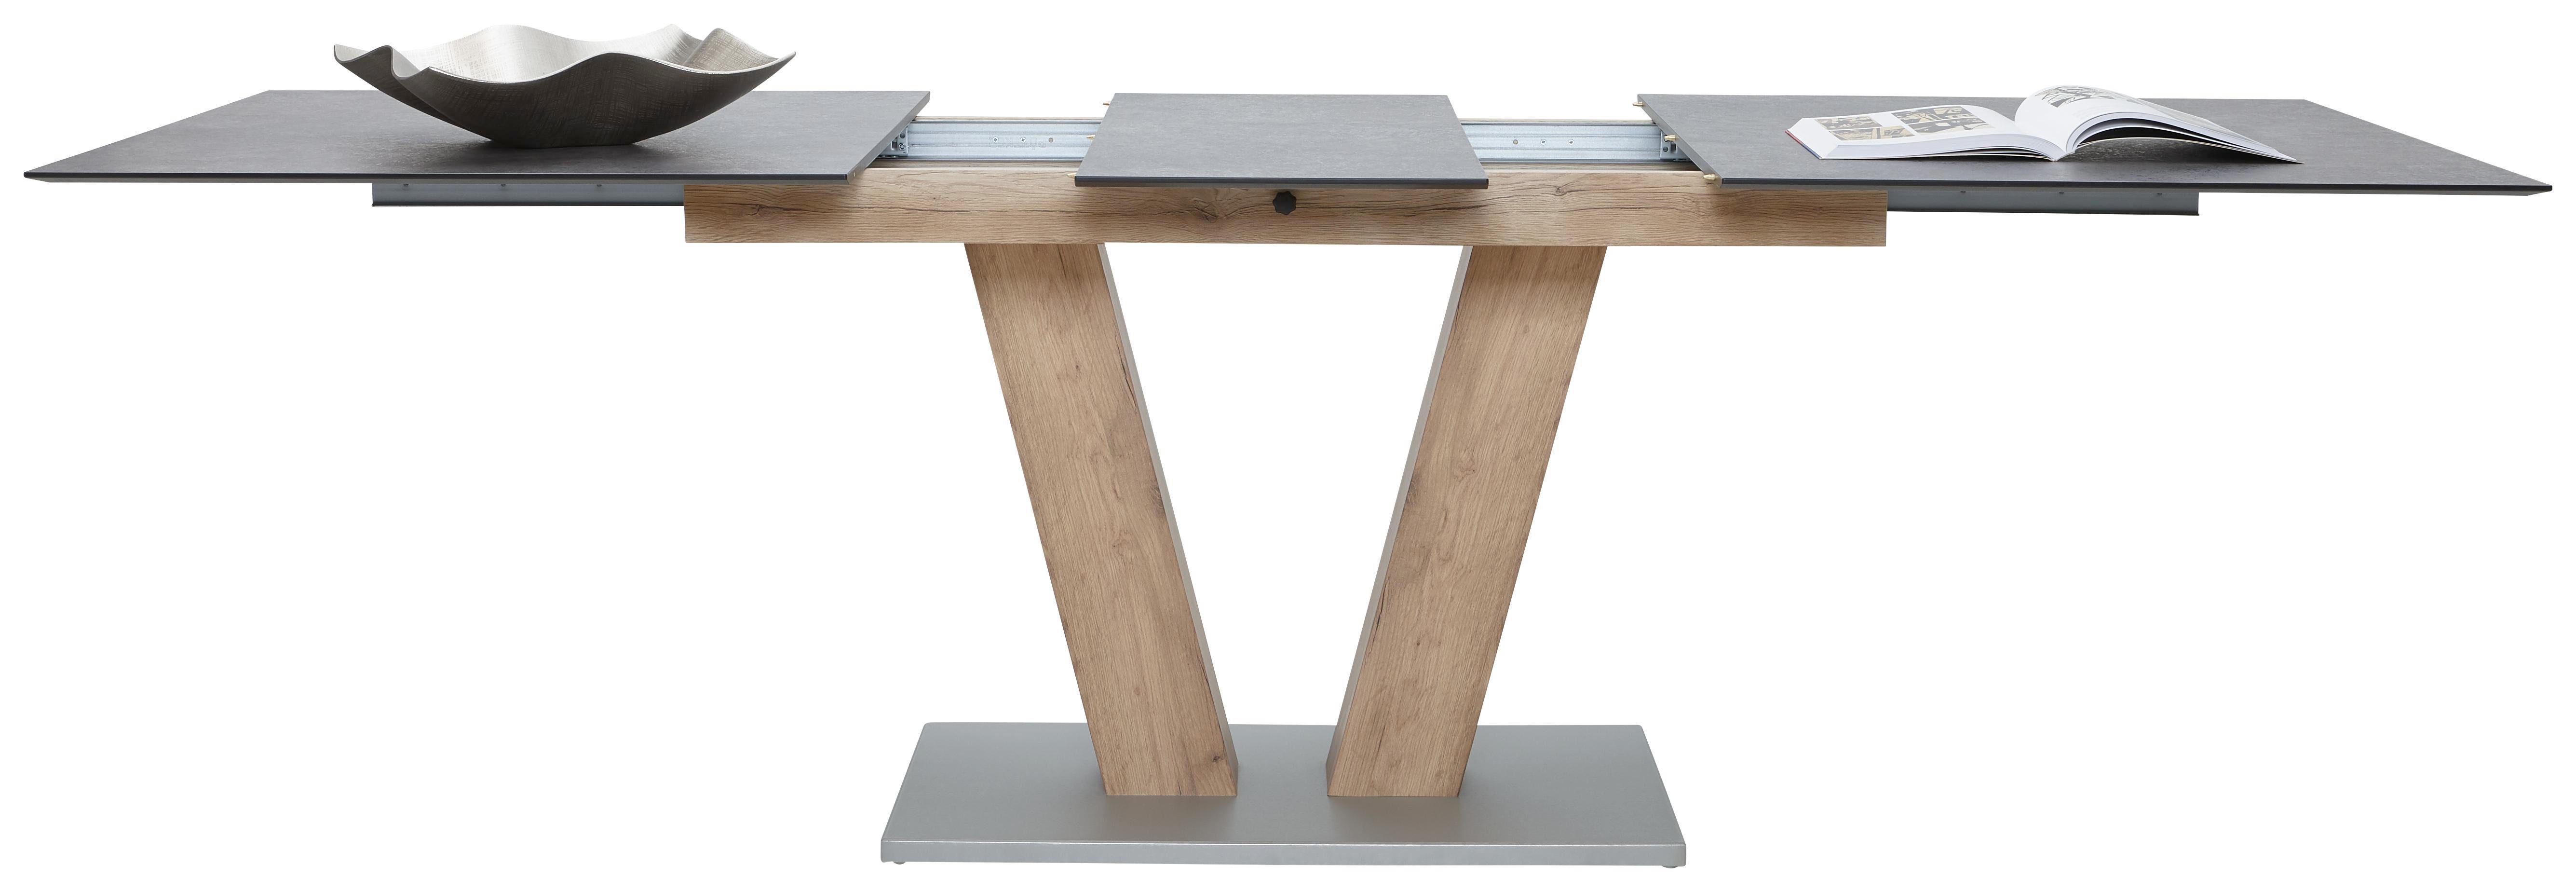 ESSTISCH rechteckig Eichefarben, Graphitfarben - Eichefarben/Graphitfarben, KONVENTIONELL, Holzwerkstoff/Kunststoff (160(200)/90/77cm) - VOLEO